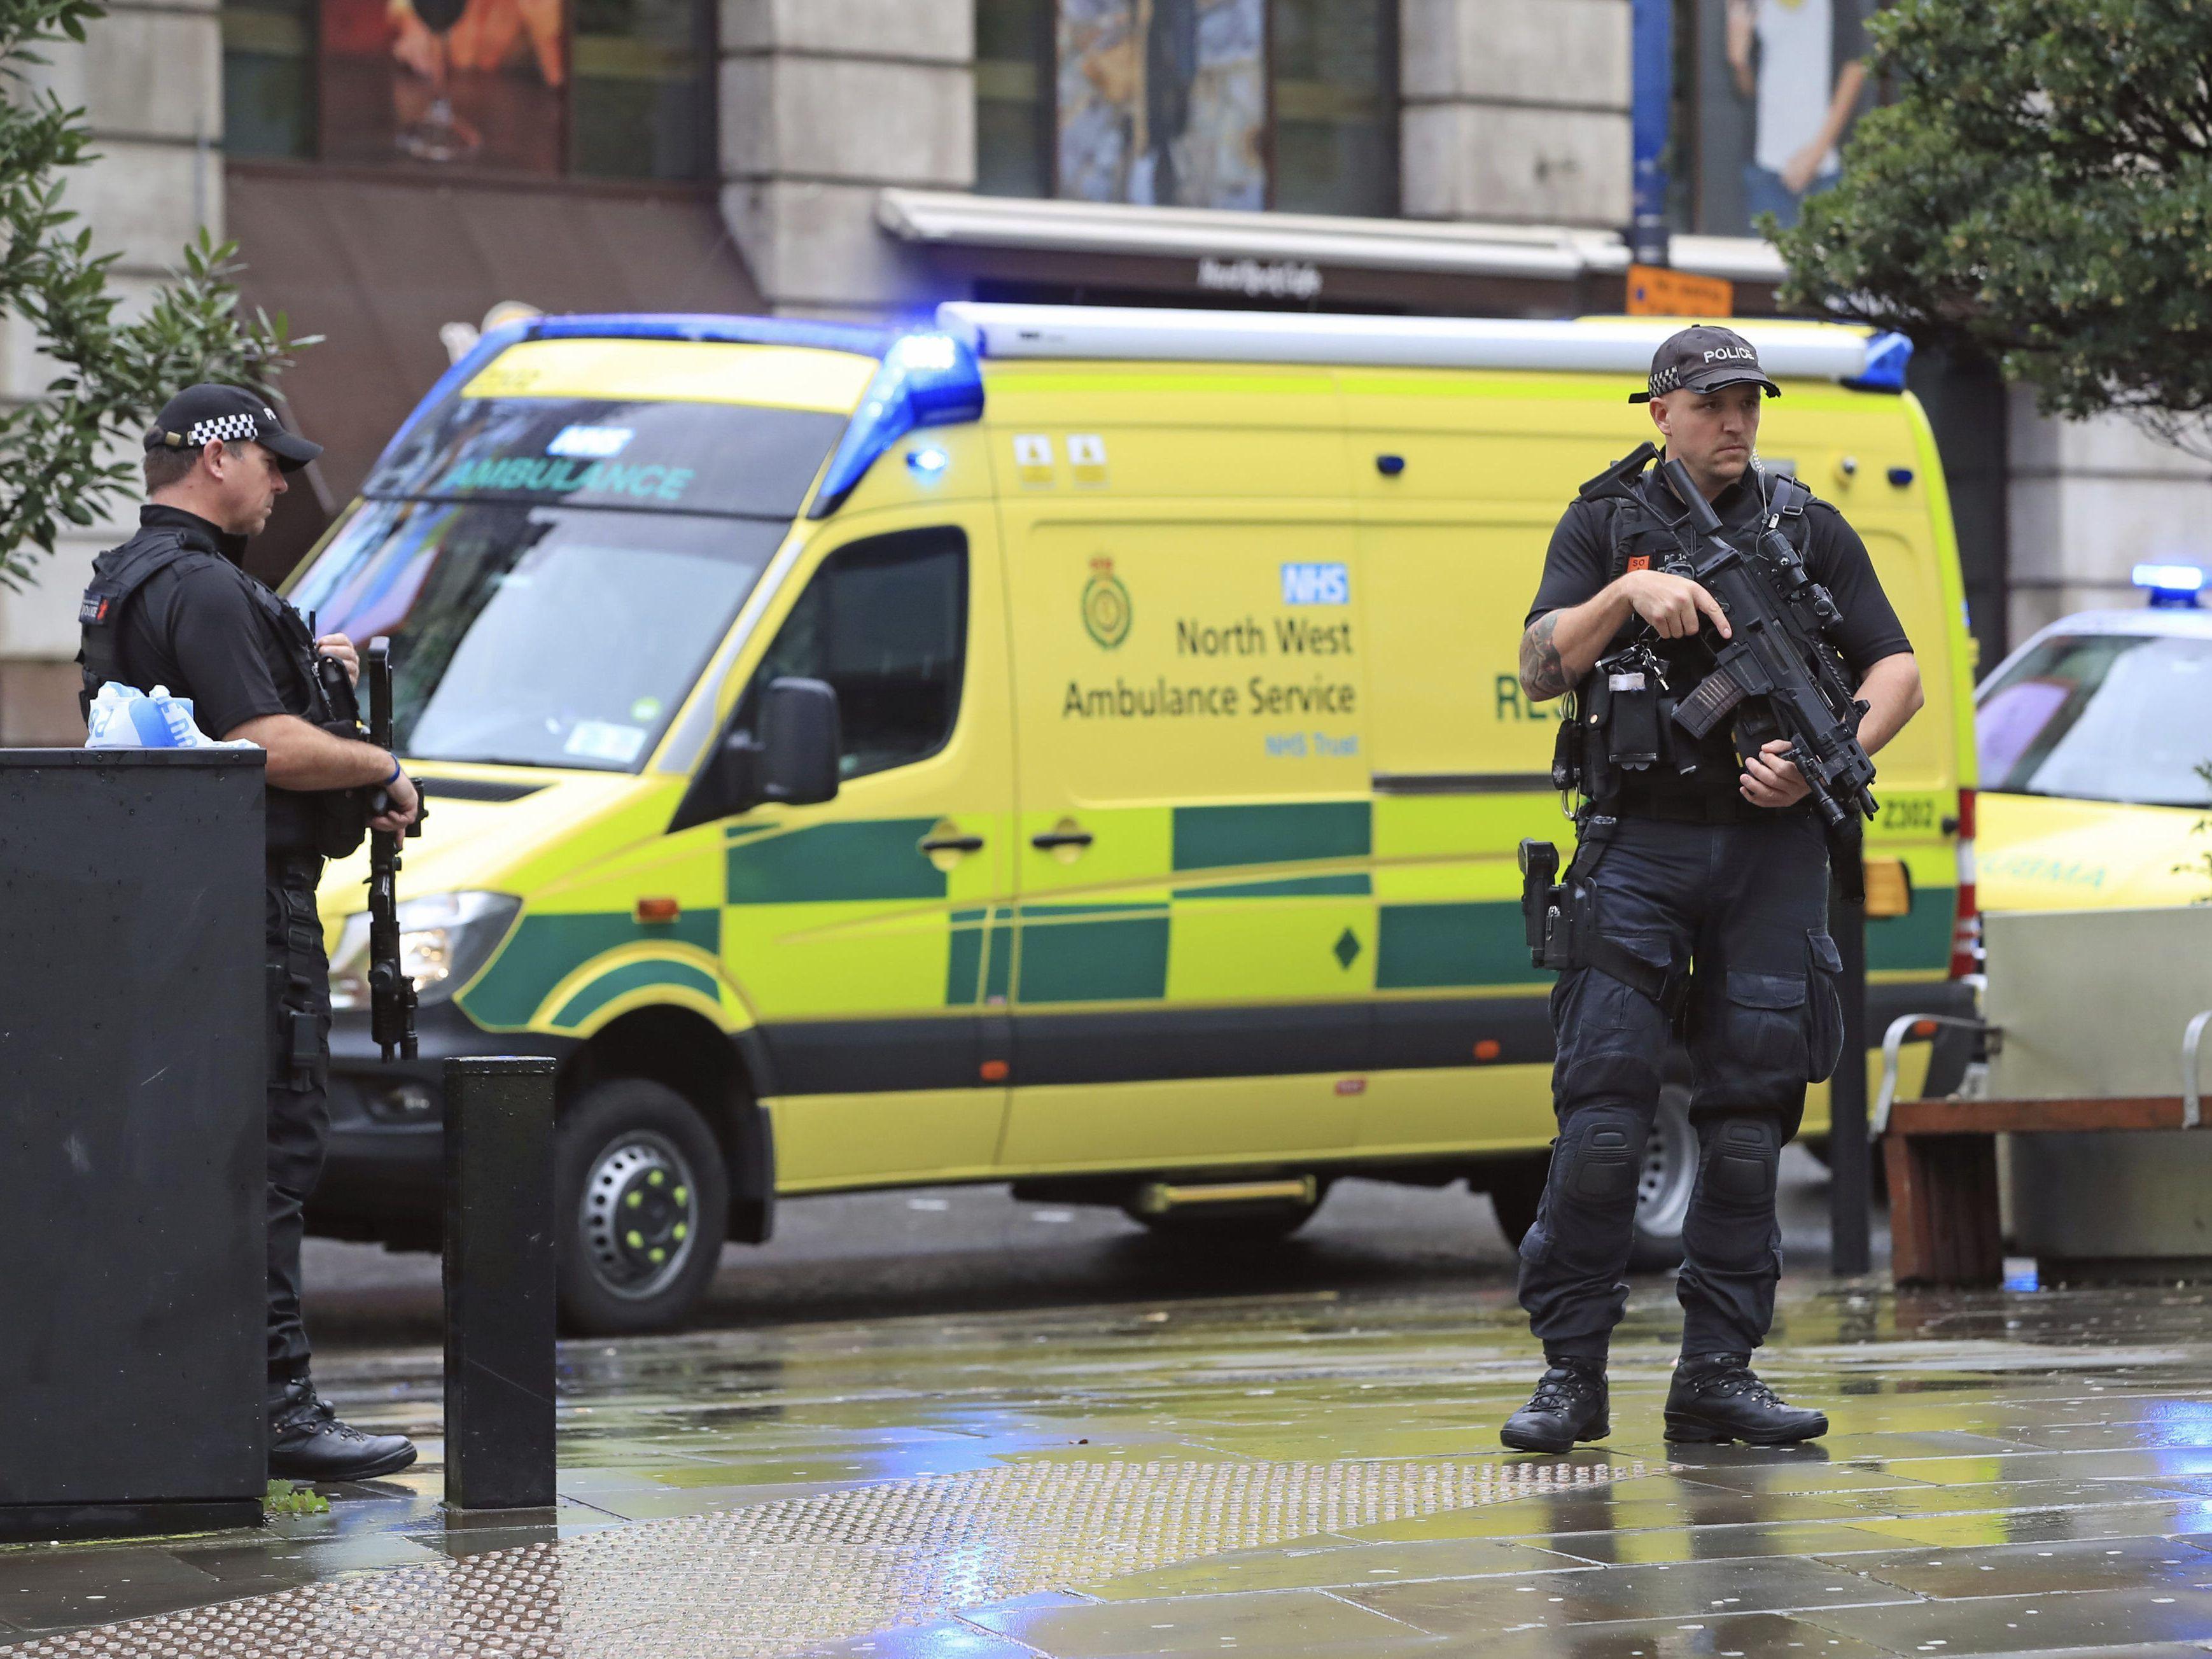 Terrorvorwurf erhoben:Mann sticht in Manchester um sich